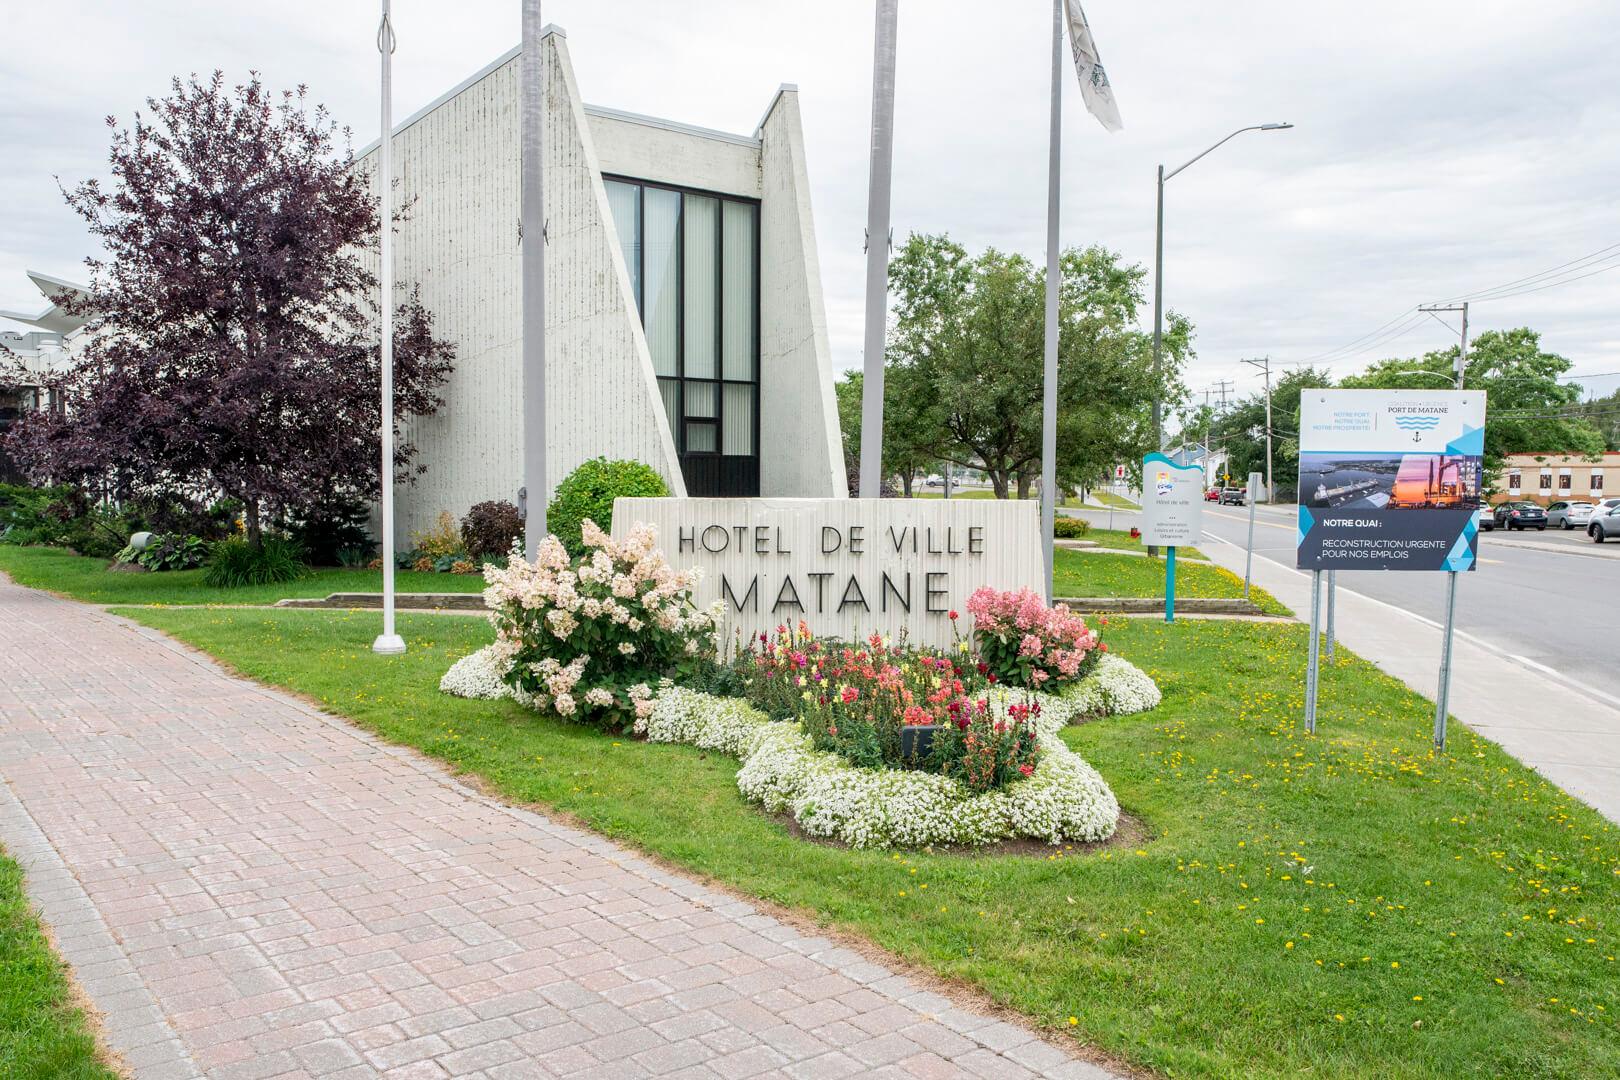 Hôtel de Ville Matane